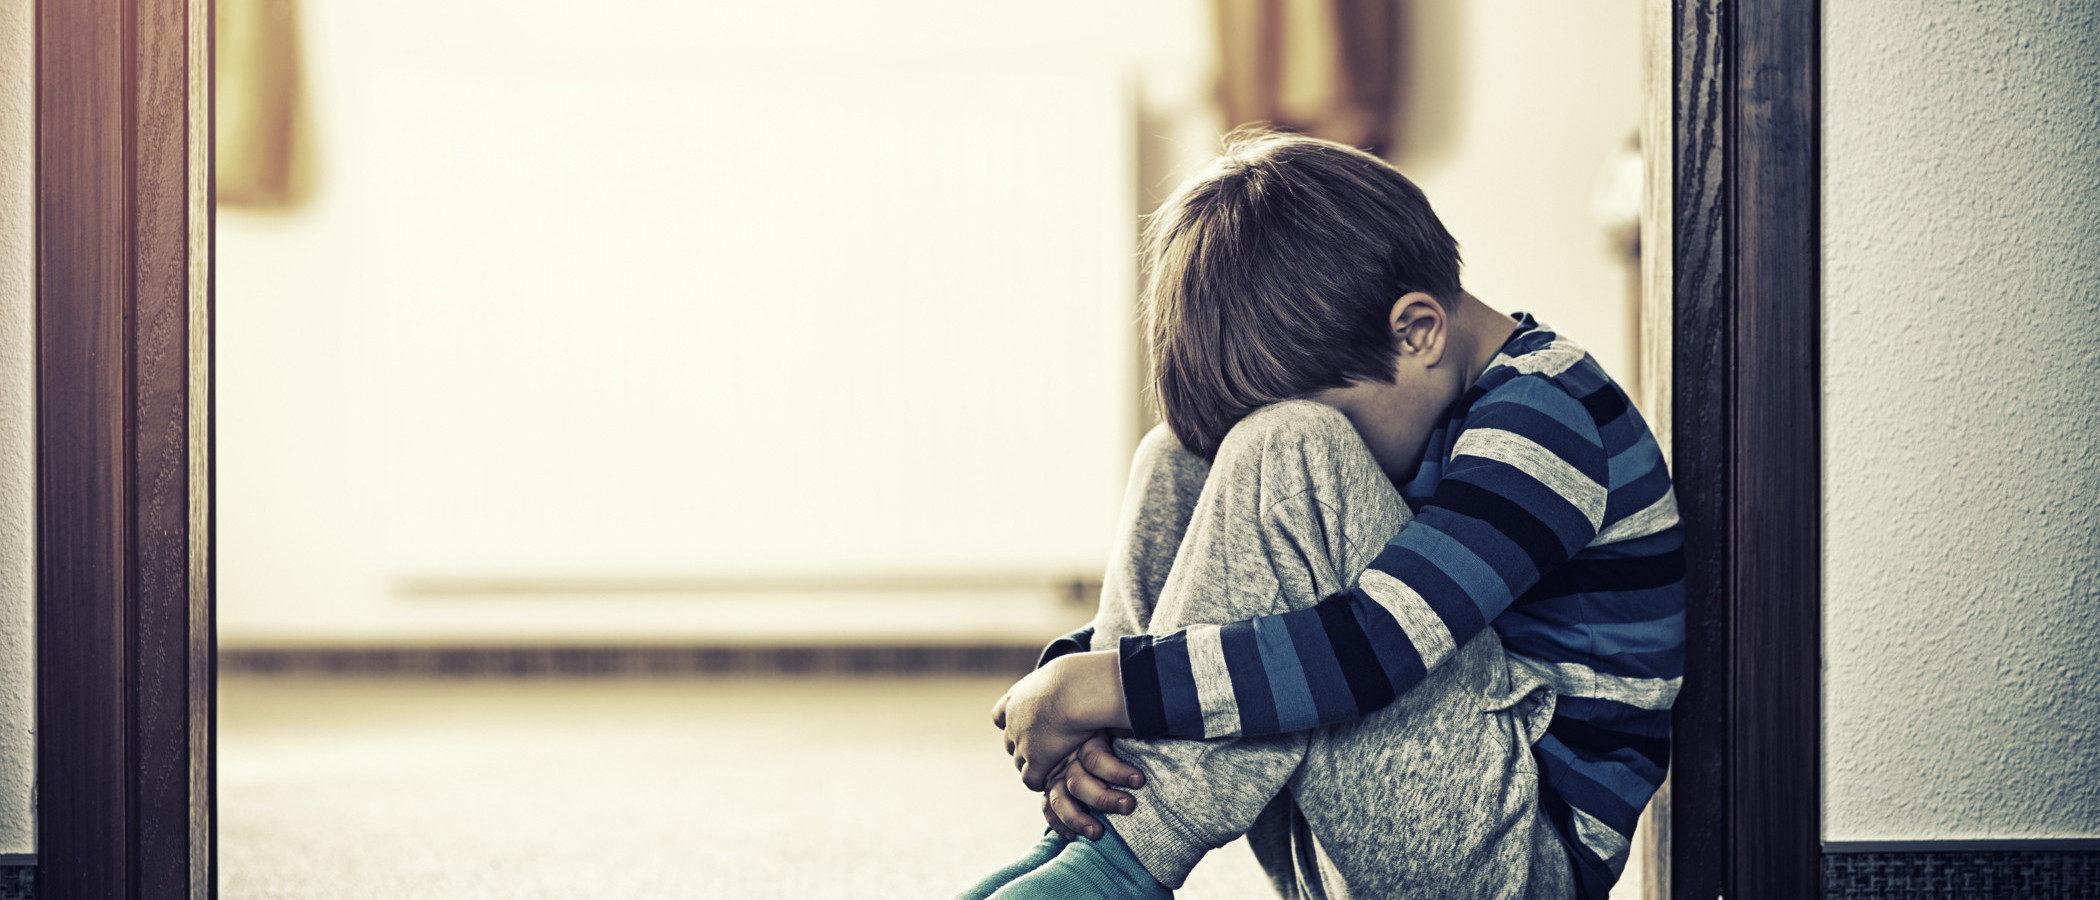 Síndrome de alienación parental: niños programados para odiar